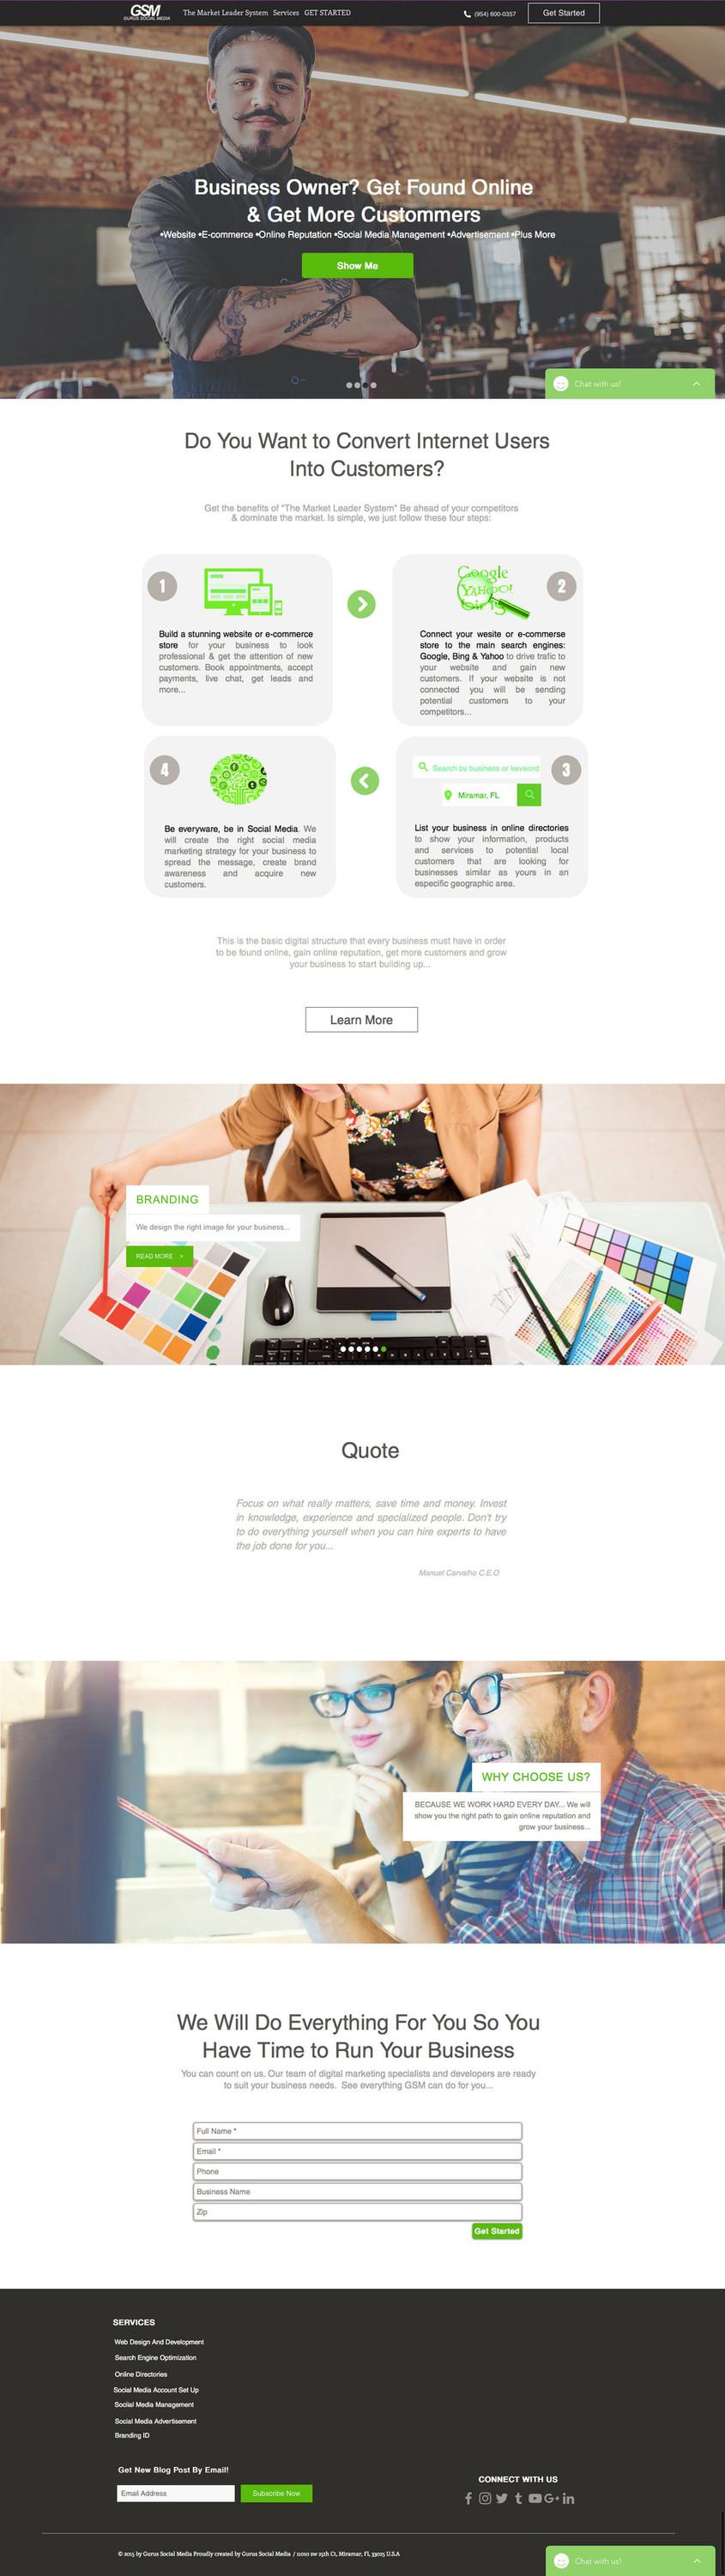 sm-web-design-pembroke-pines.jpg